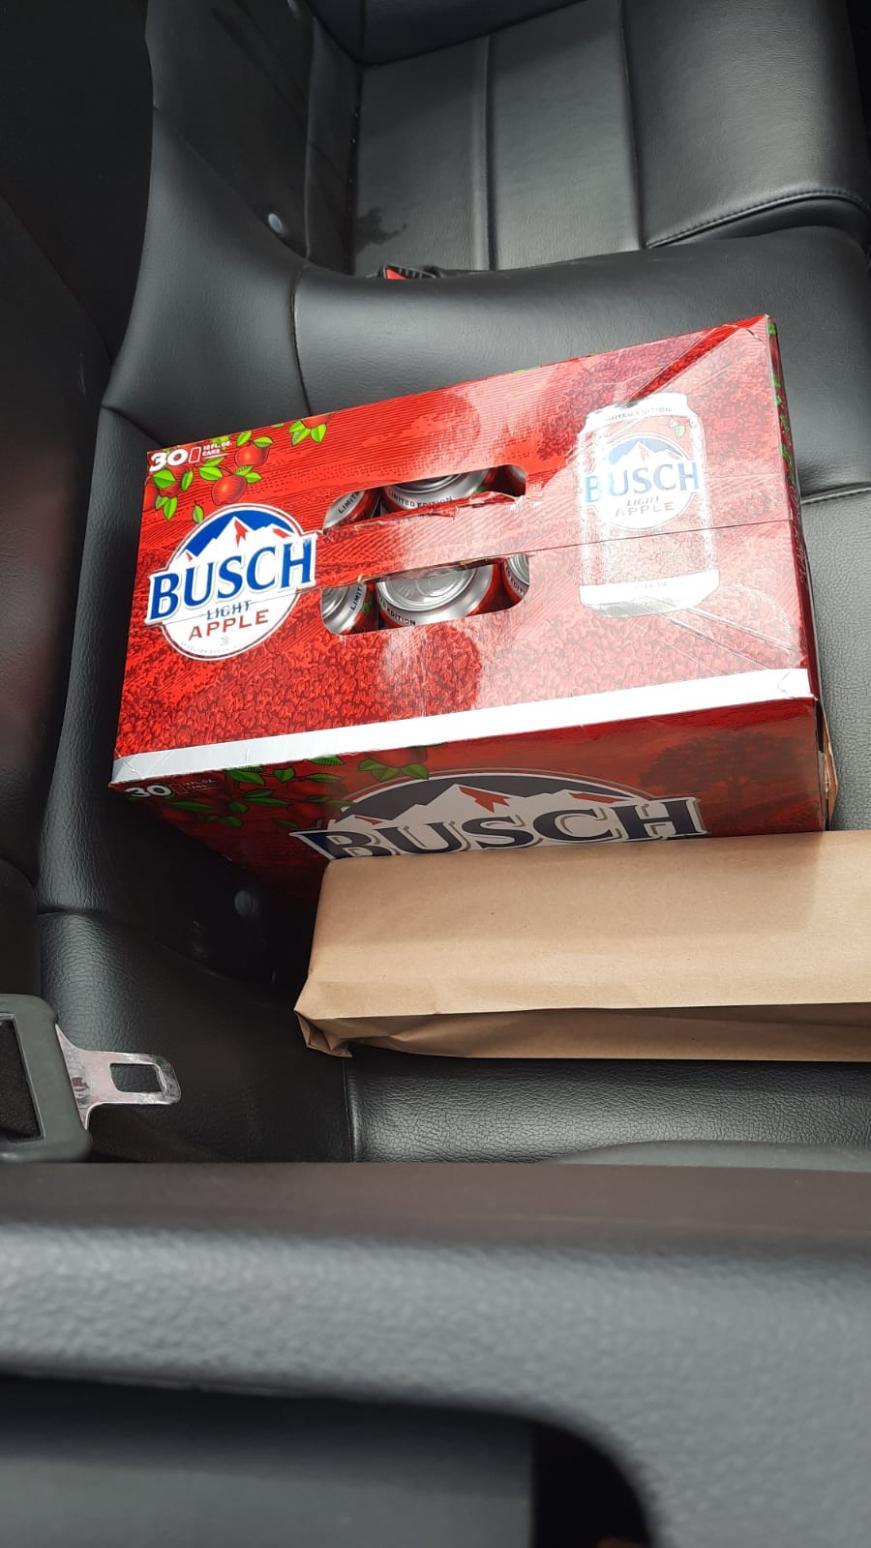 Busch Light Apple-f24cf296-8e56-4c49-a036-6d3a74168eeb-jpg